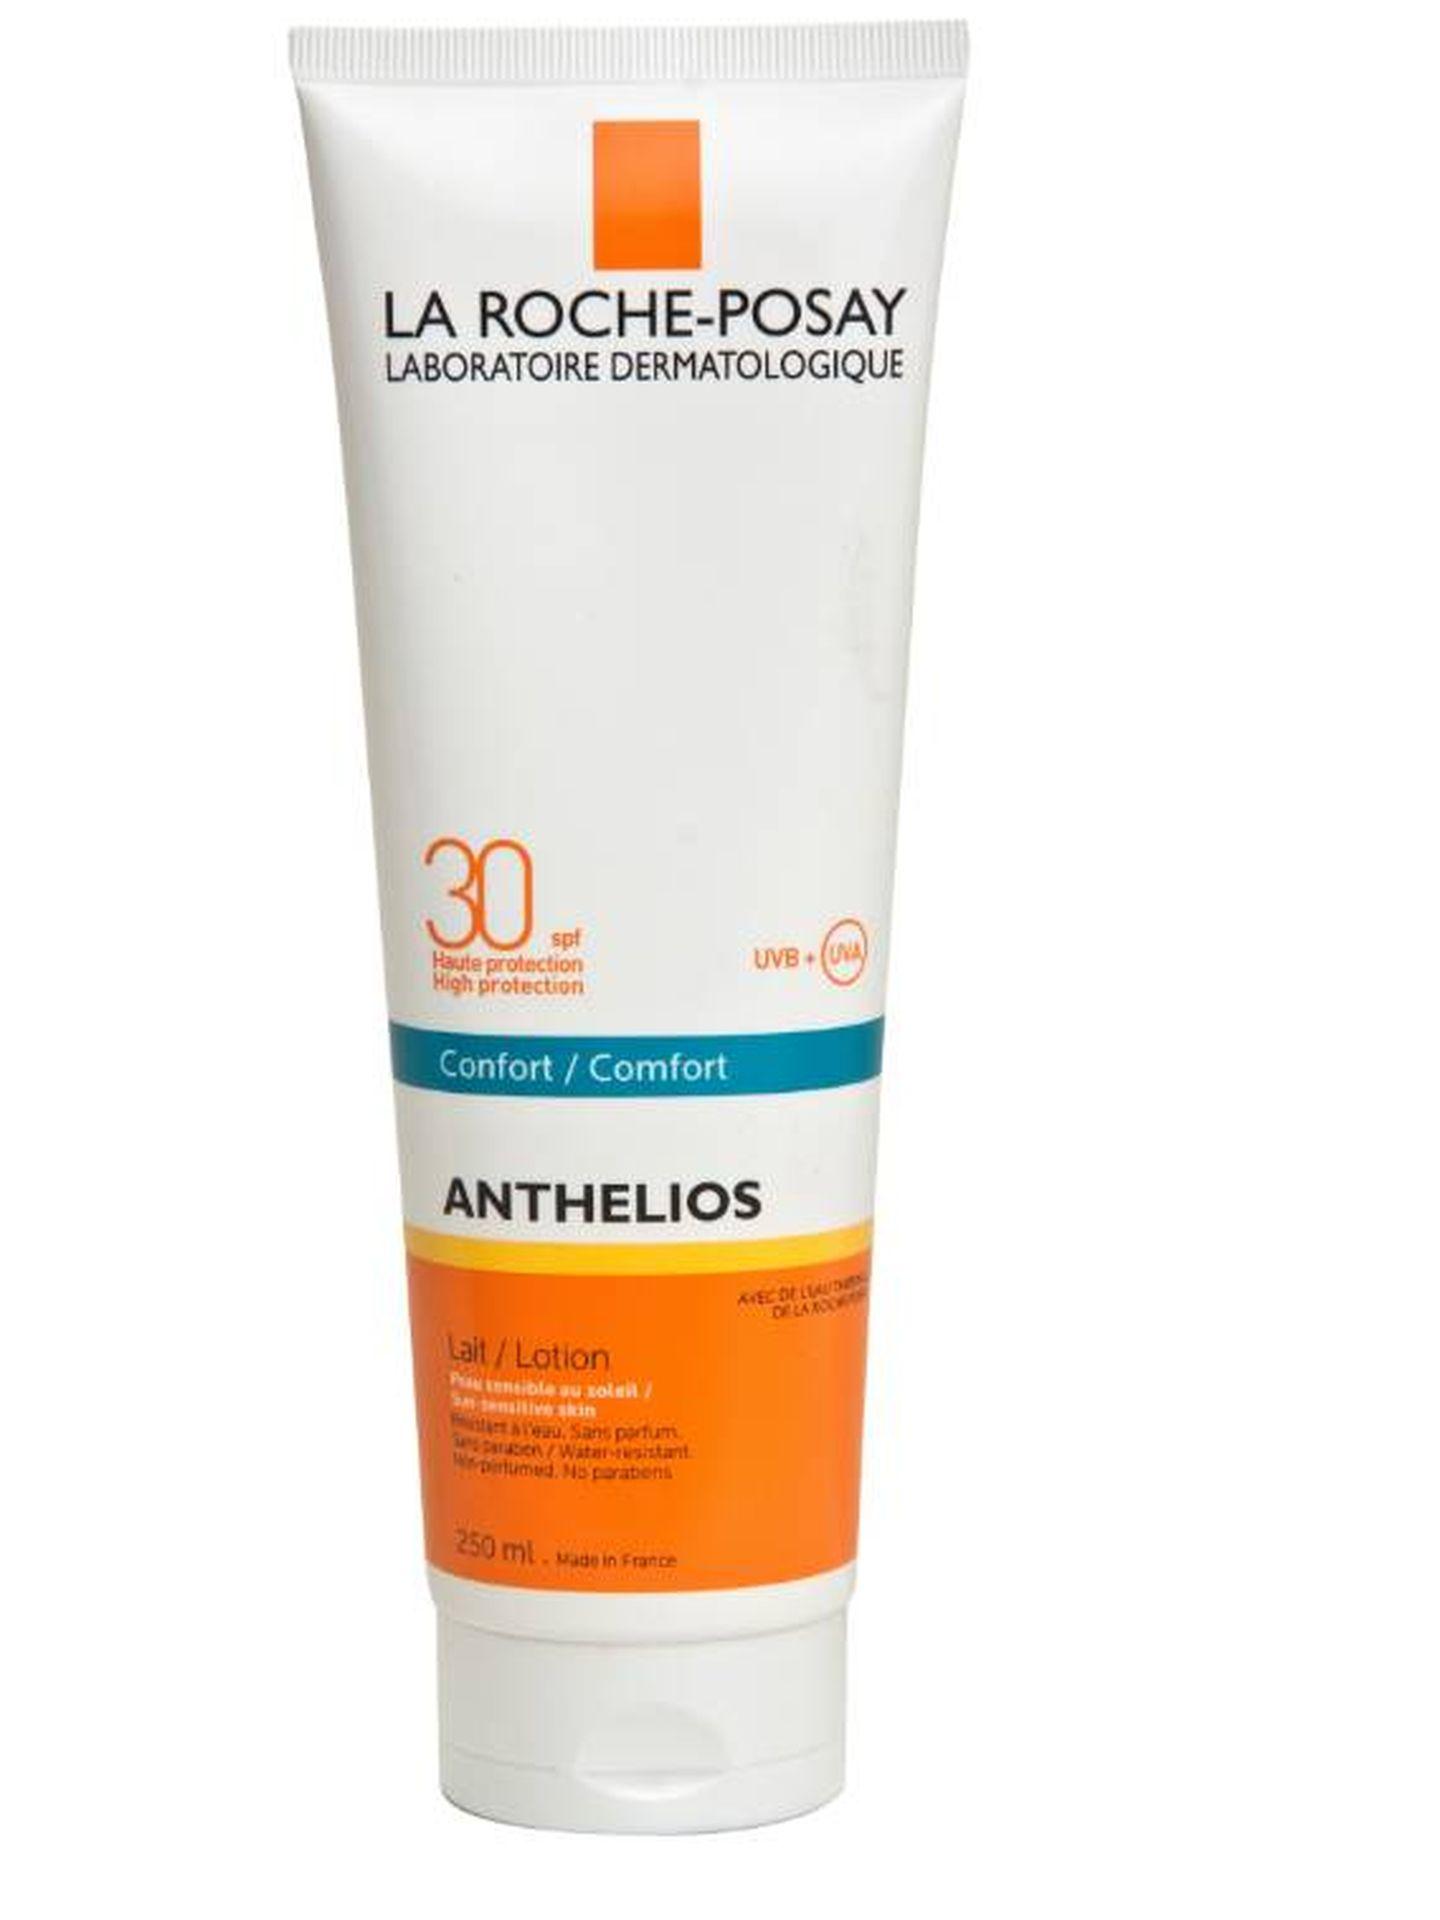 La Roche-Posay crema solar